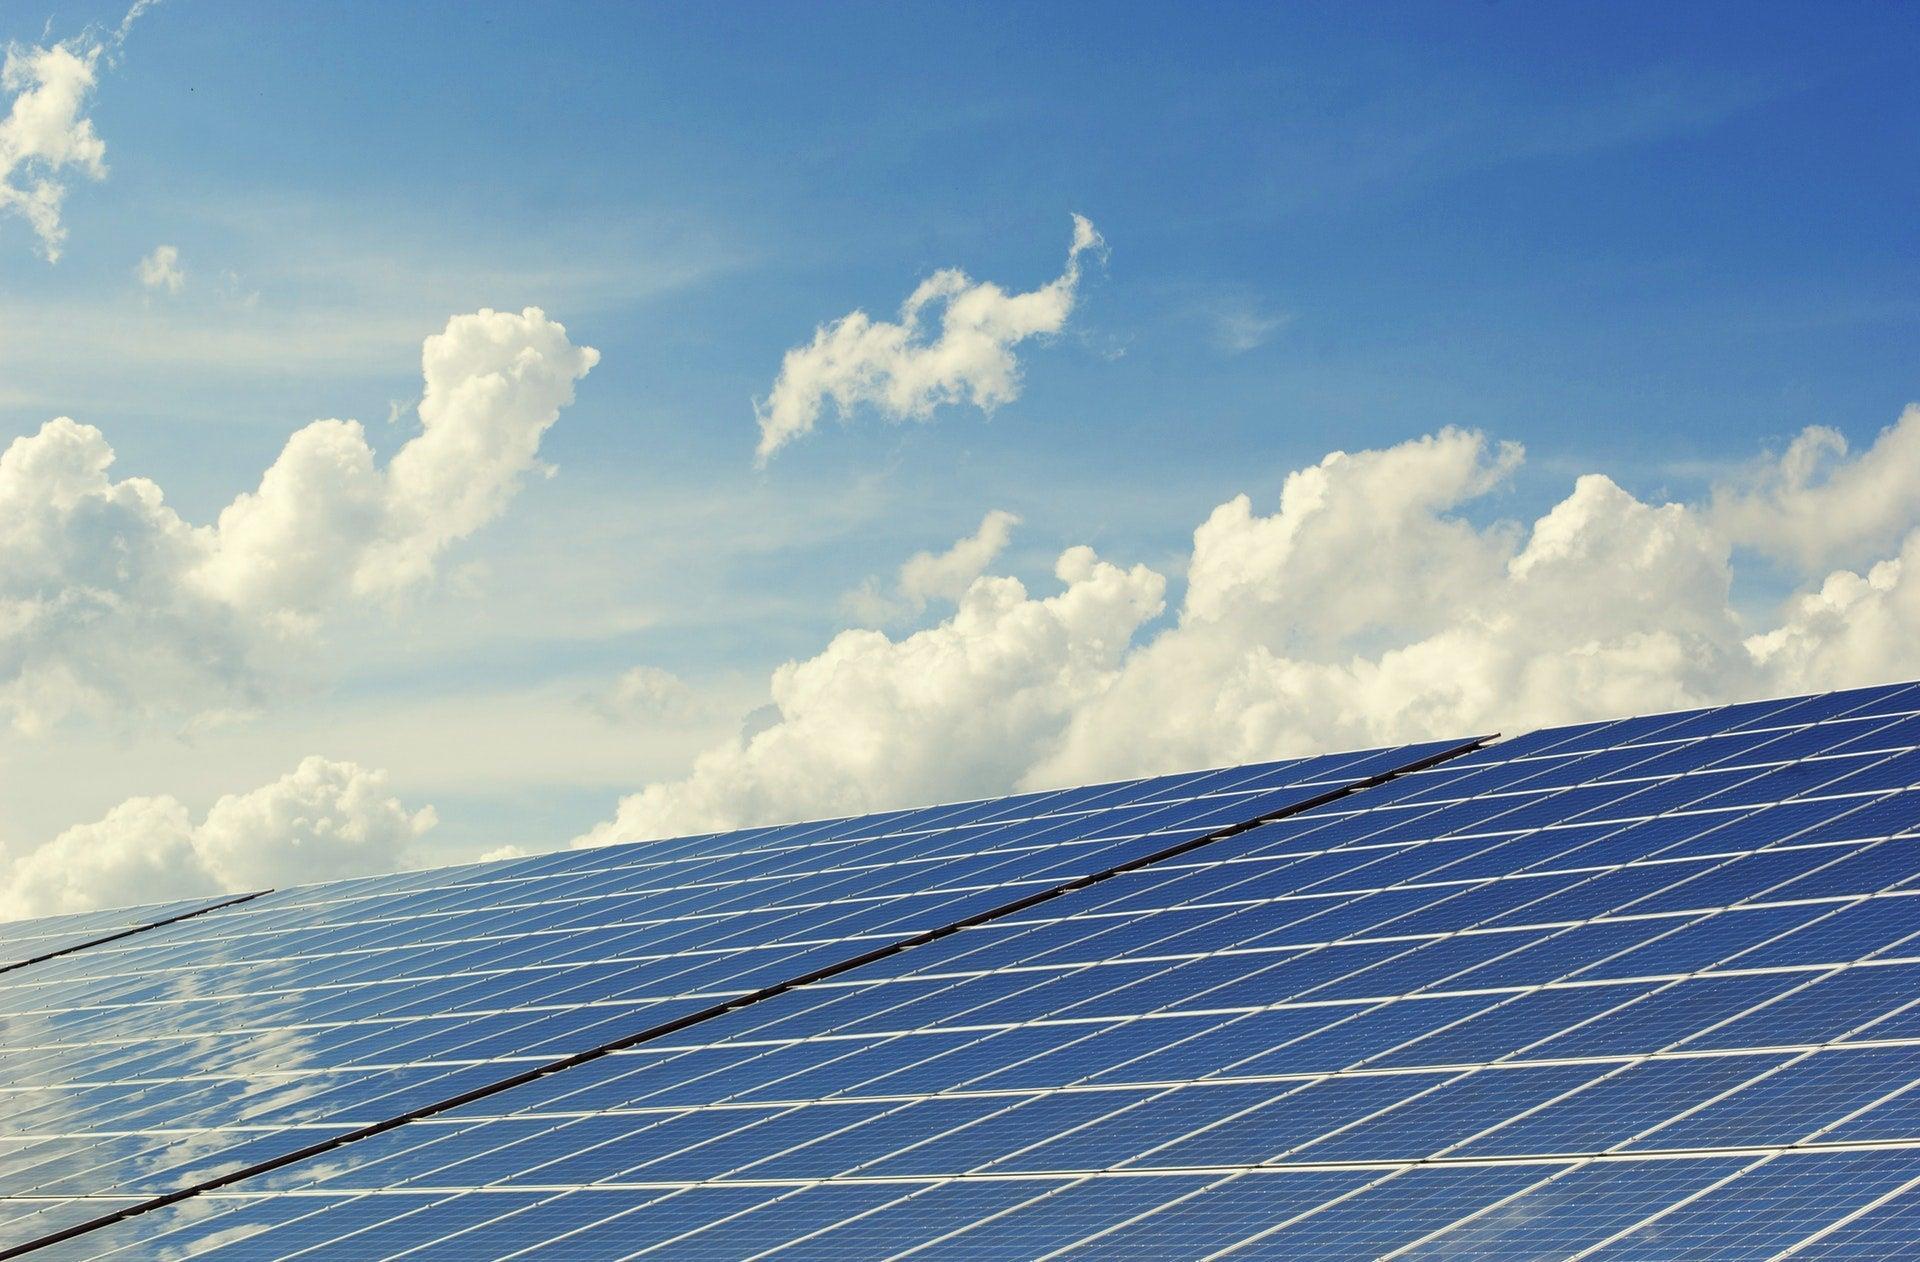 电费支付拖欠致印度太阳能开发商面临财务难题